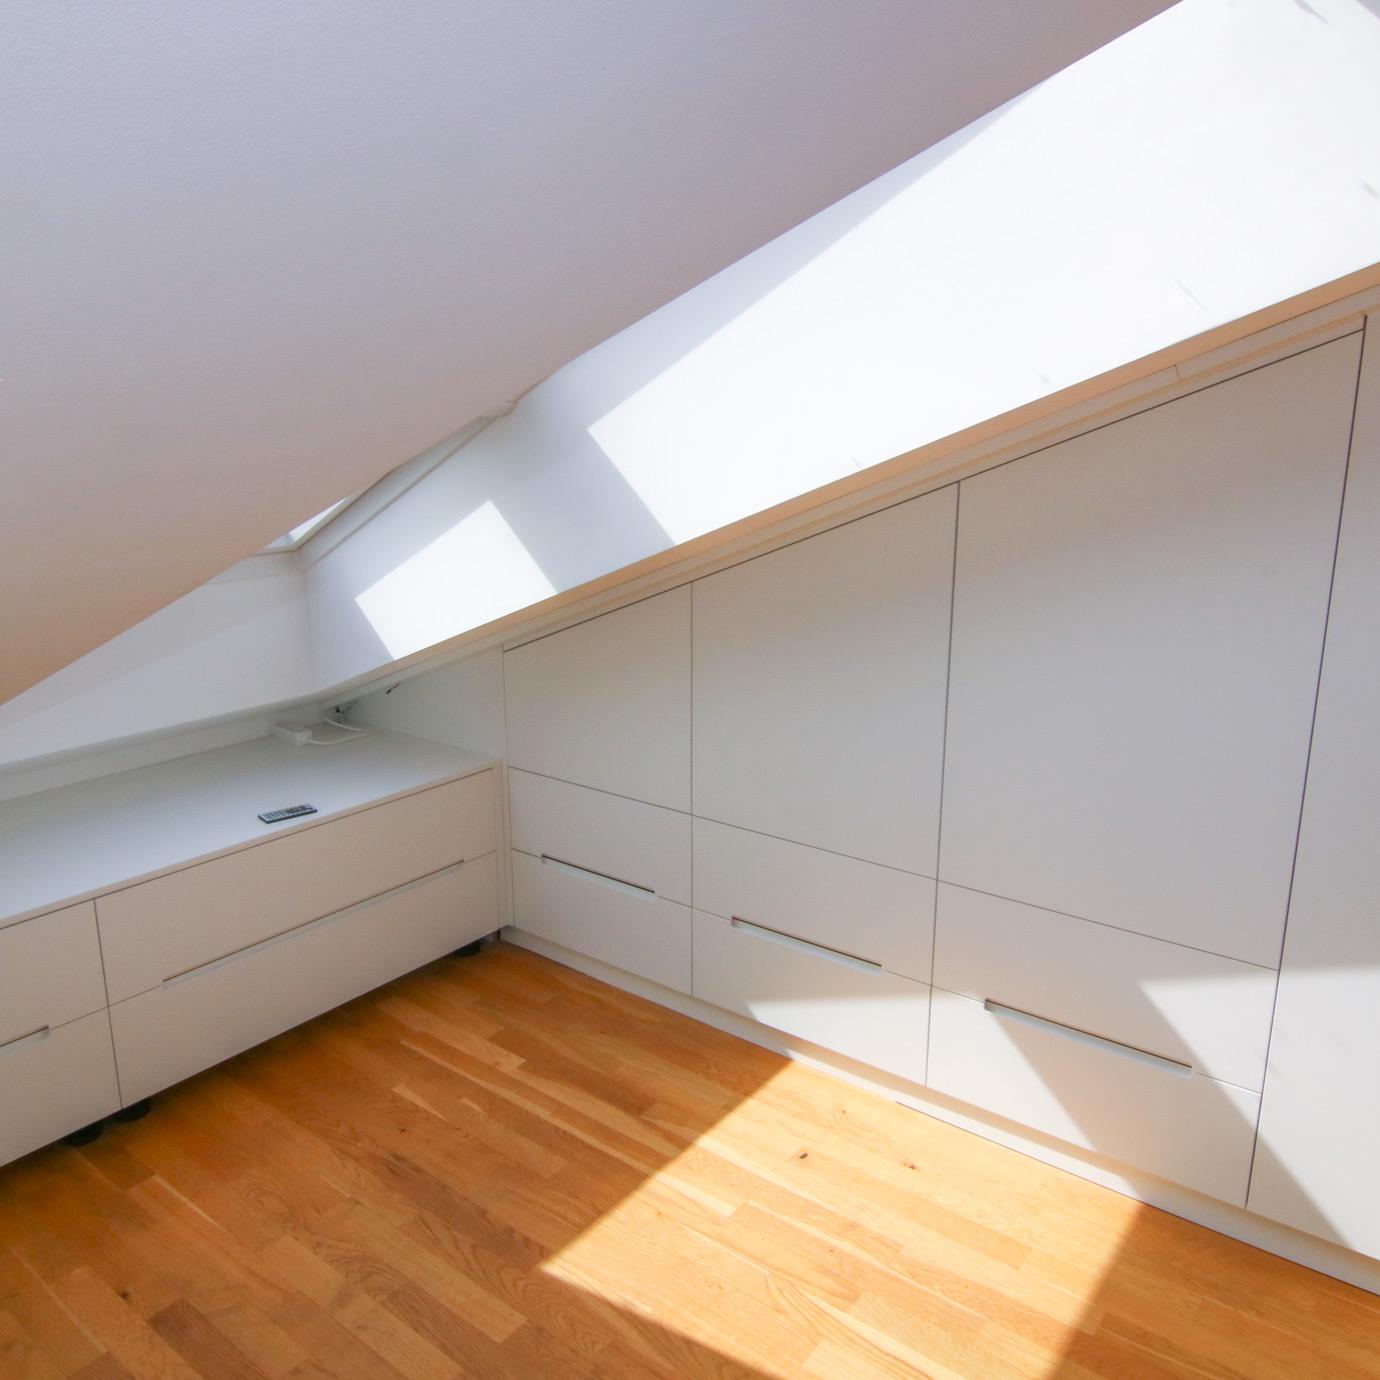 dachschr genausbau nach ma schrankidee peter dany m nchen. Black Bedroom Furniture Sets. Home Design Ideas